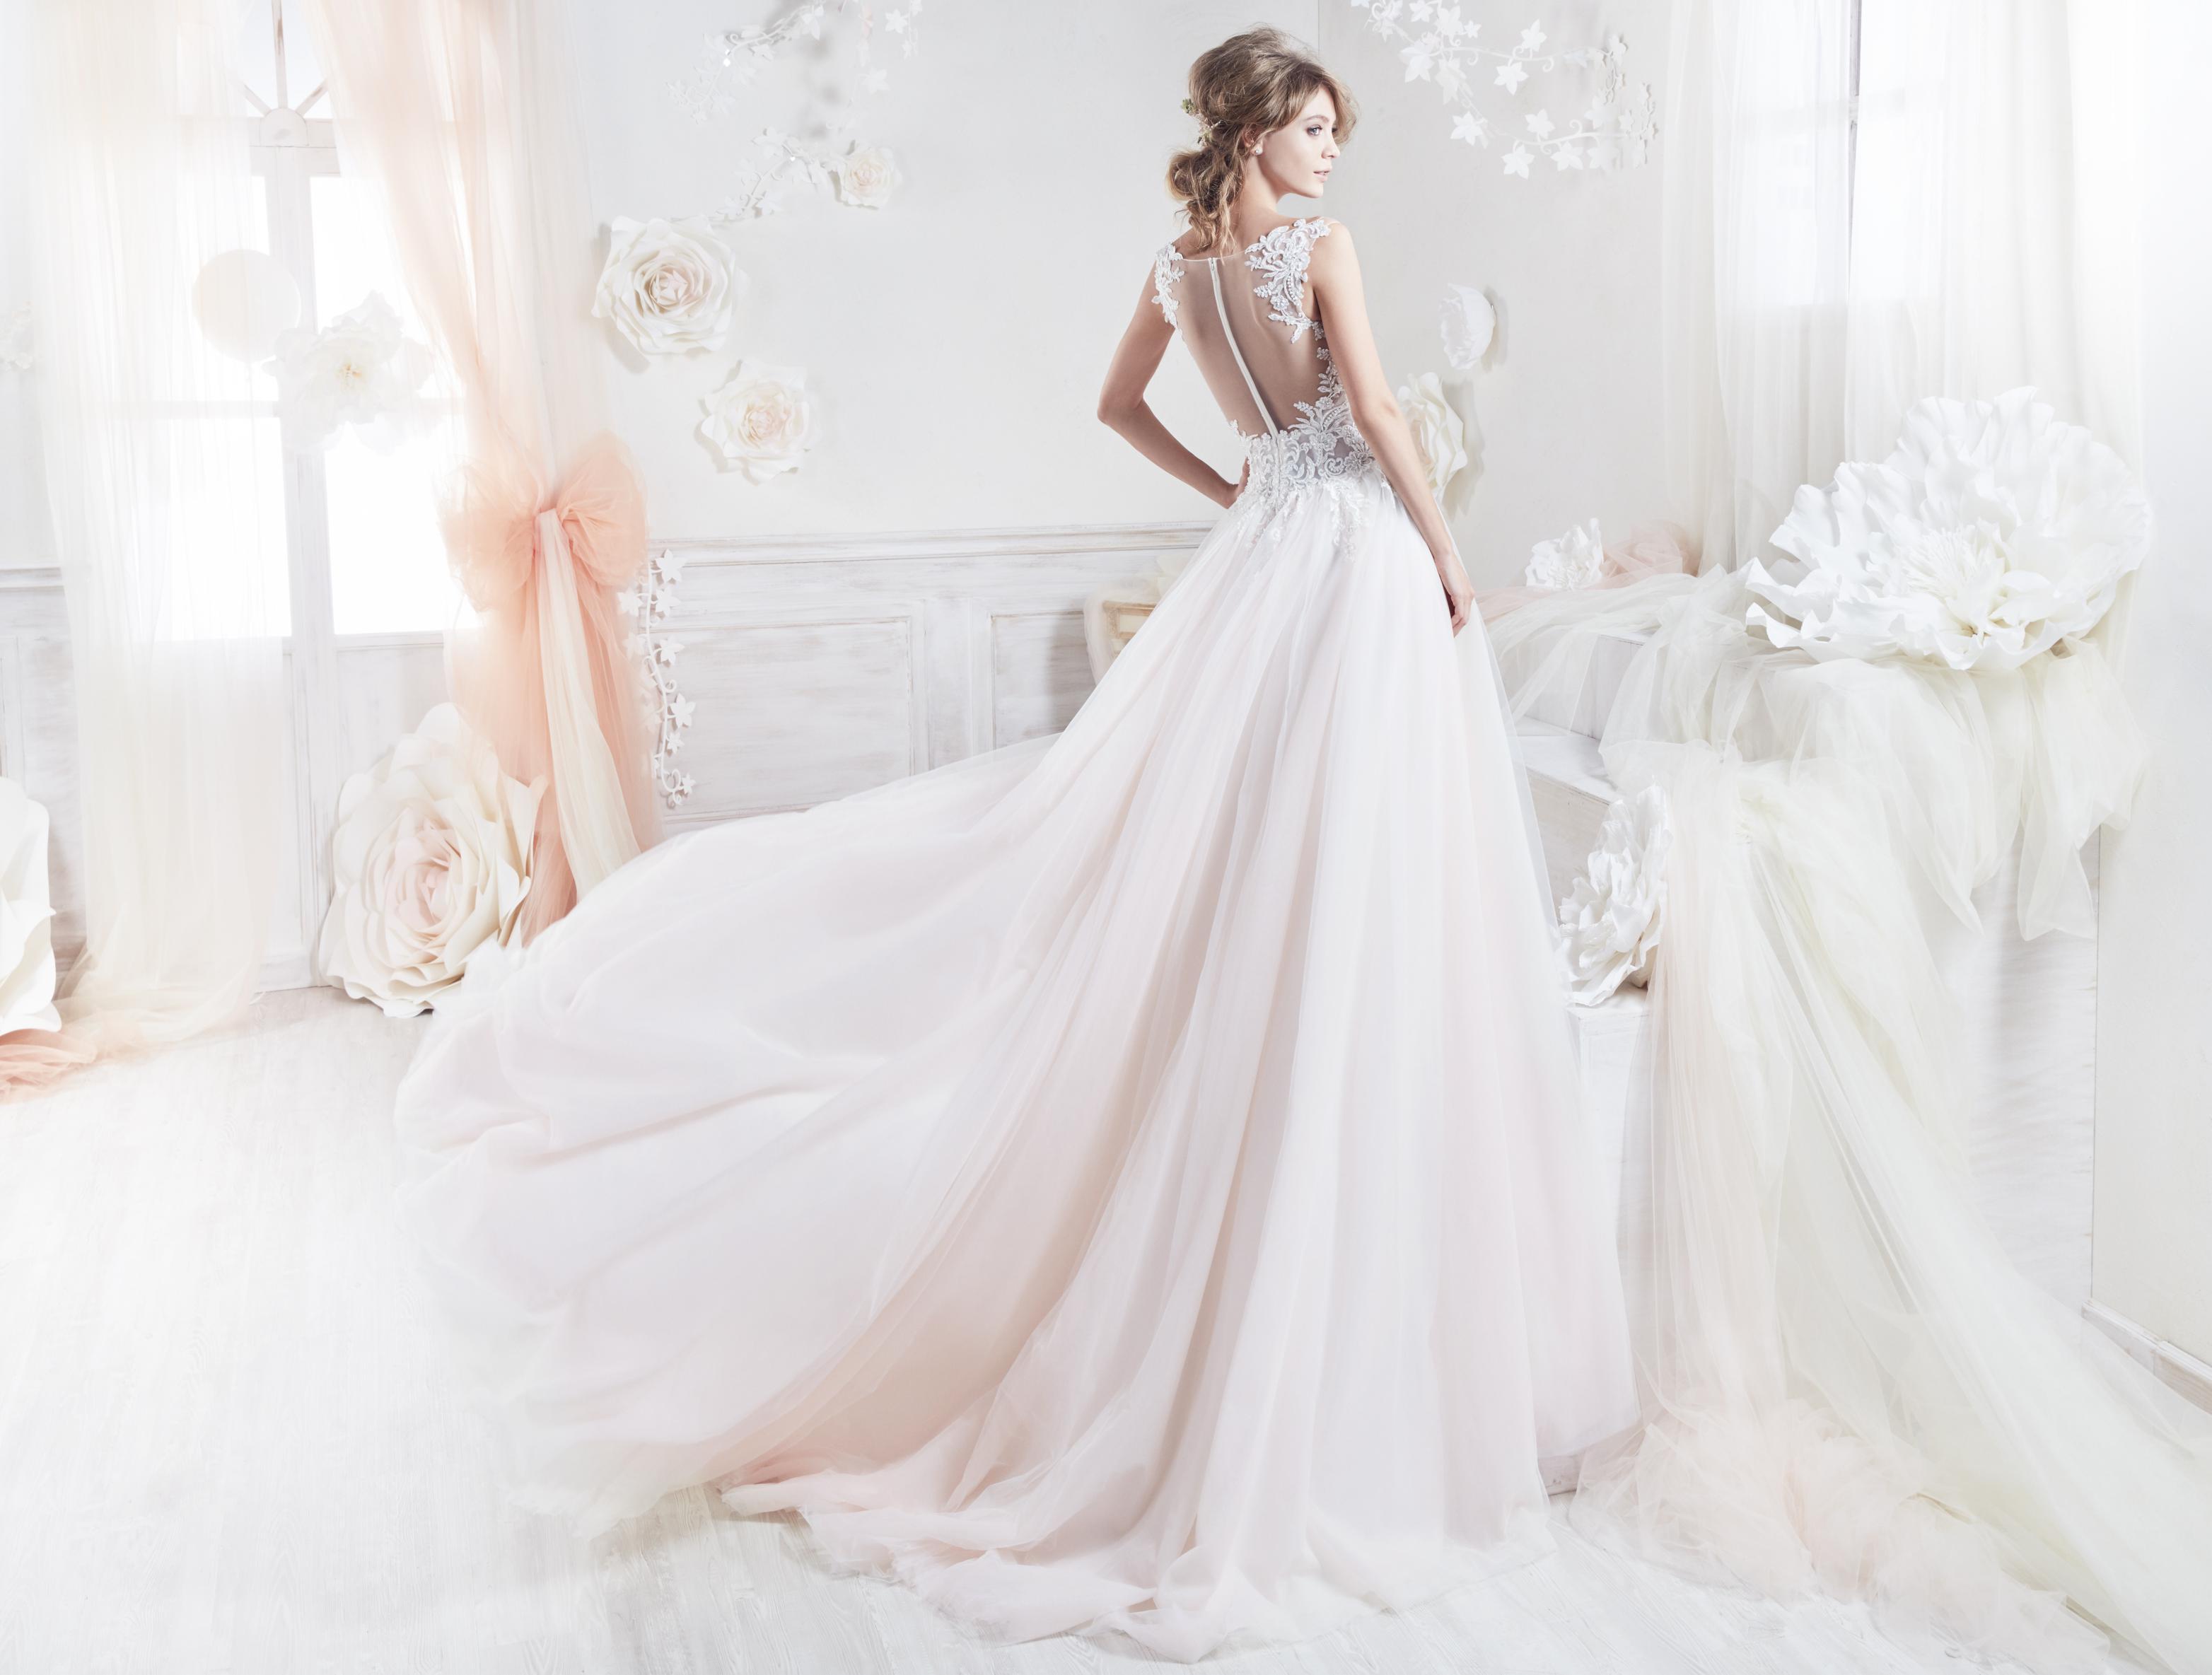 Colet 18287 abiti da sposa il giardino della sposa - Il giardino della sposa ...